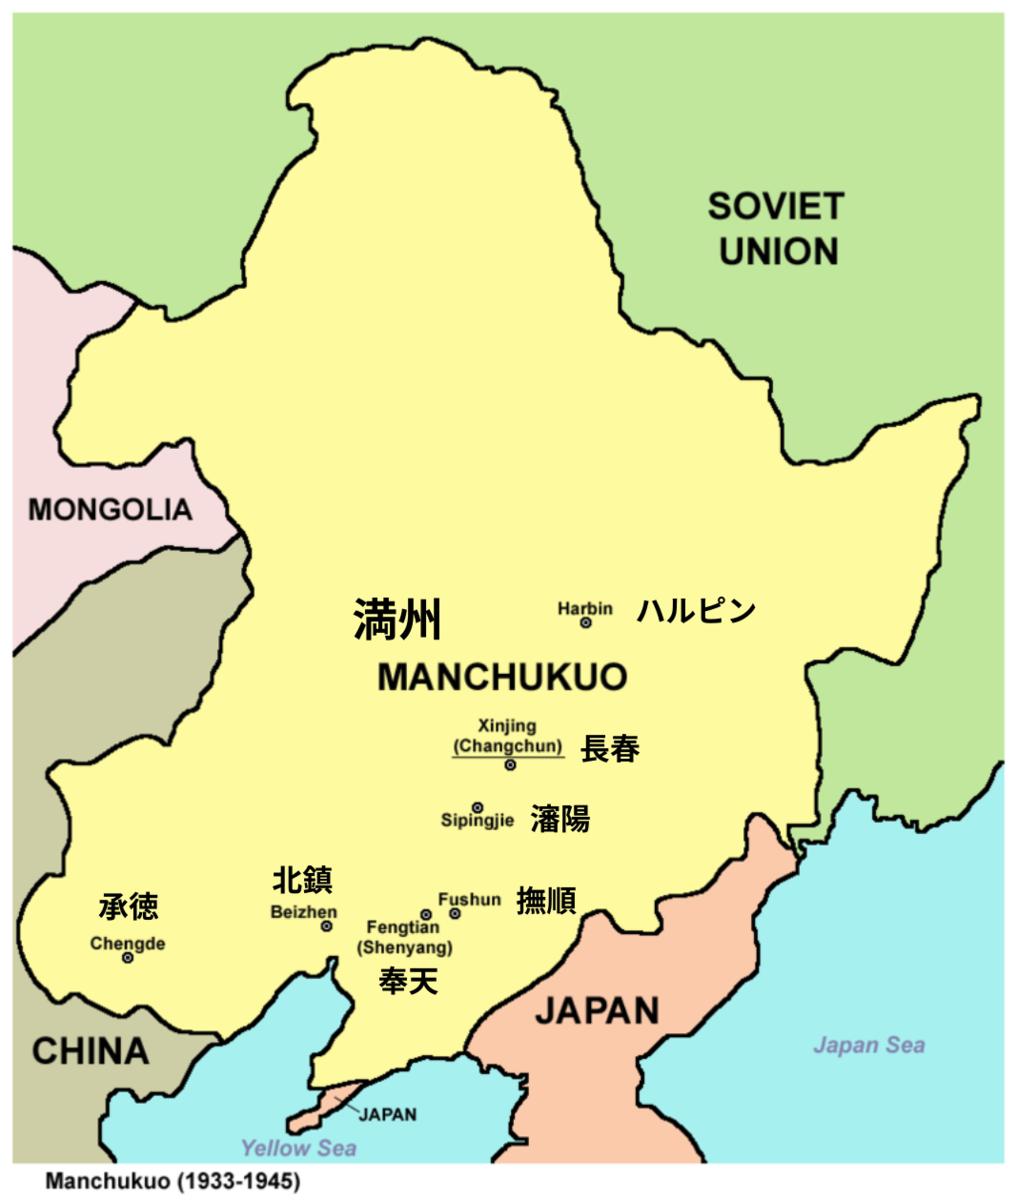 f:id:yoshihide-sugiura:20200408185428p:plain